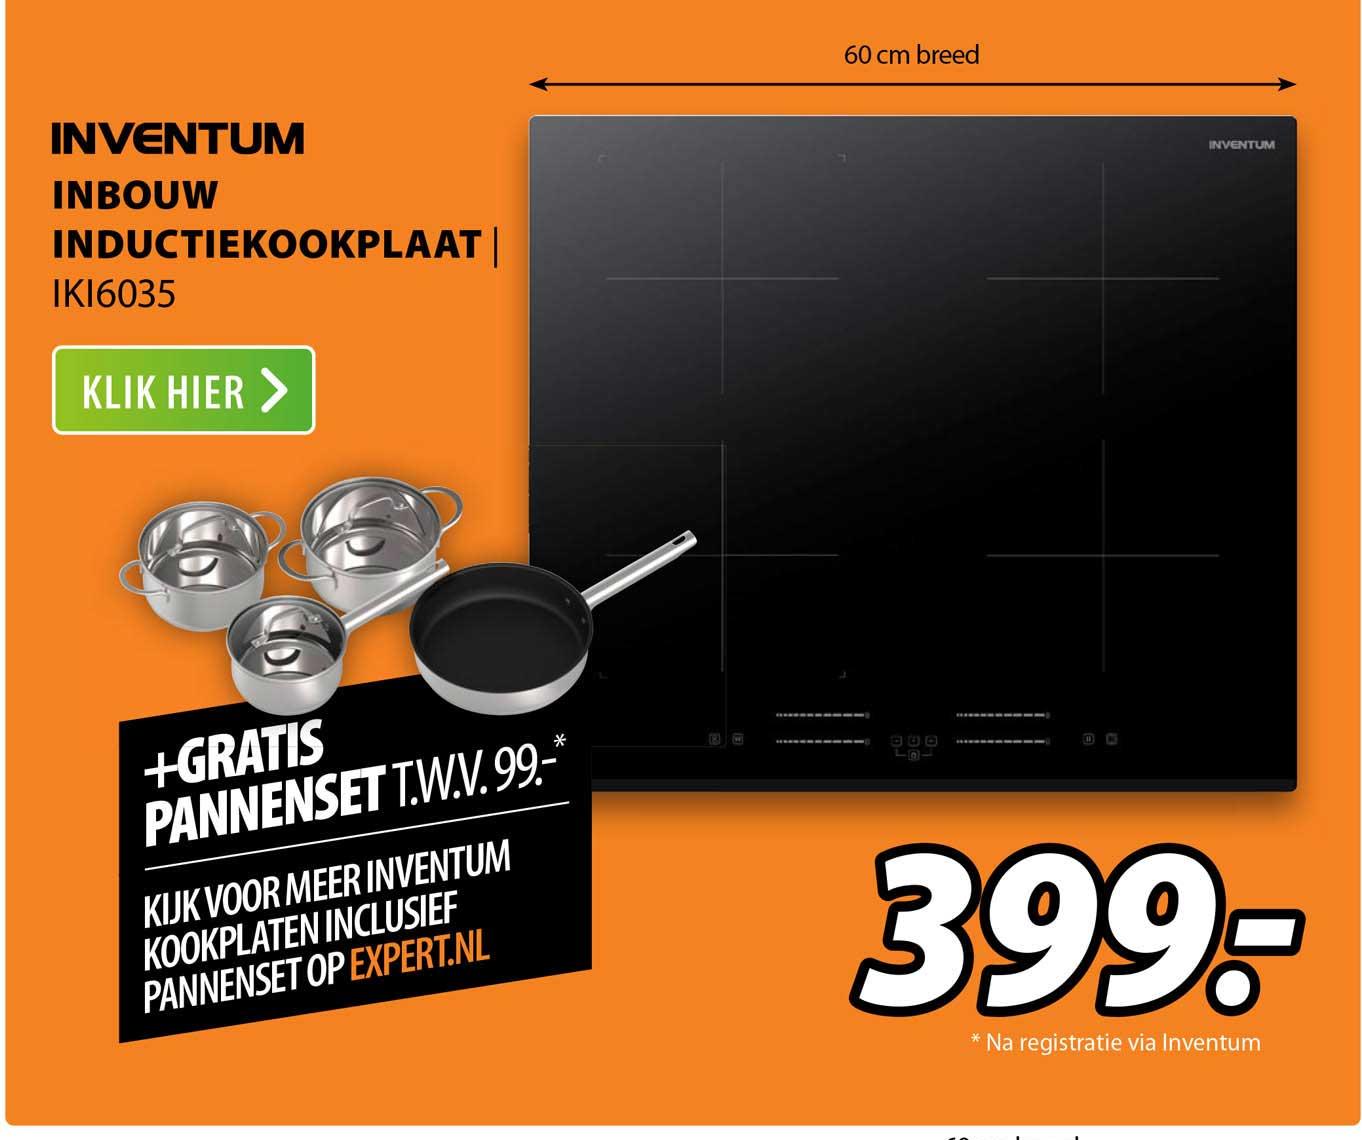 Expert Inventum Inbouw Inductiekookplaat   IKI6035